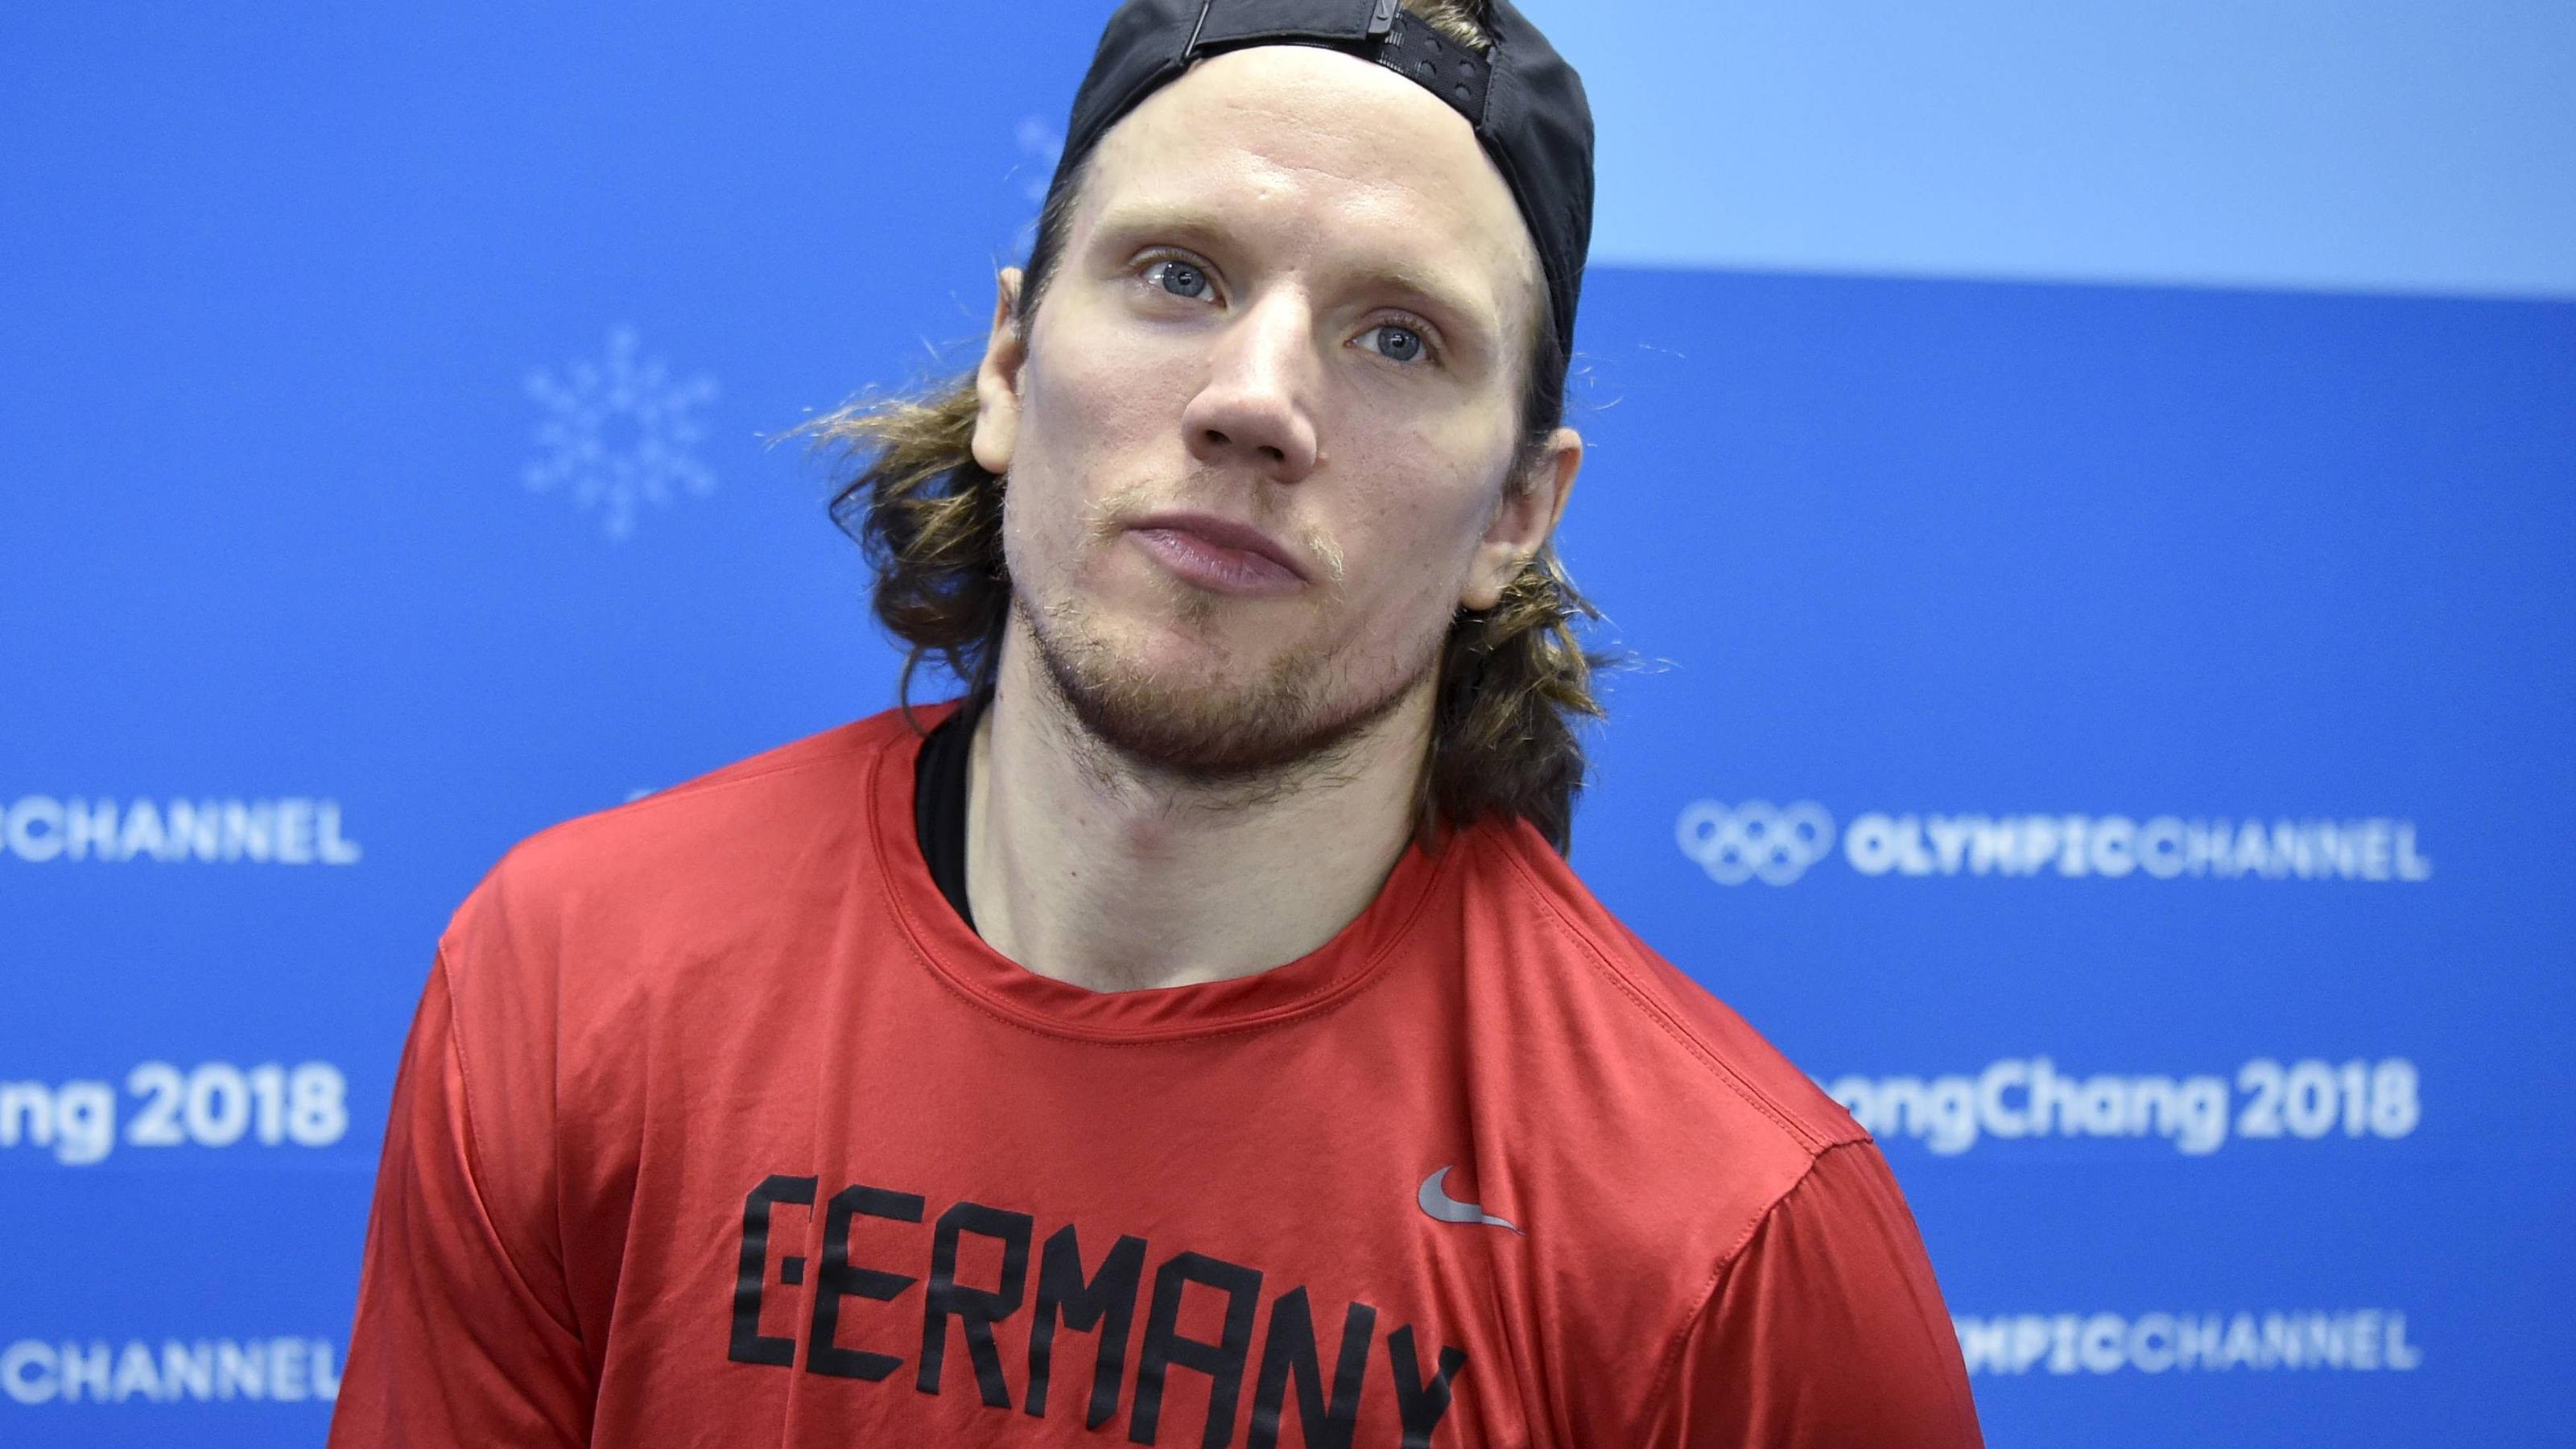 Olympia-Abschlussfeier Eishockey-Gigant Ehrhoff unser Fahnenträger